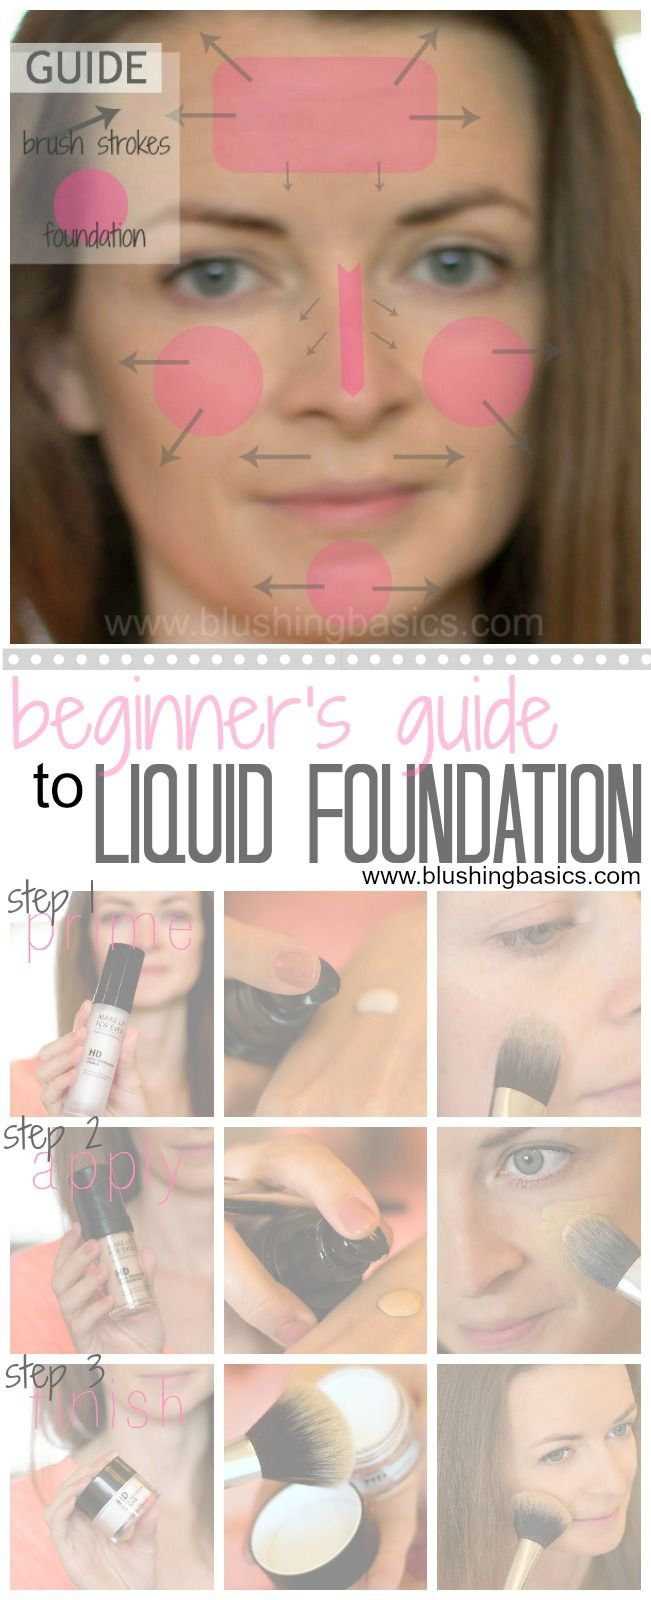 blushing basics: How To Apply Liquid Foundation